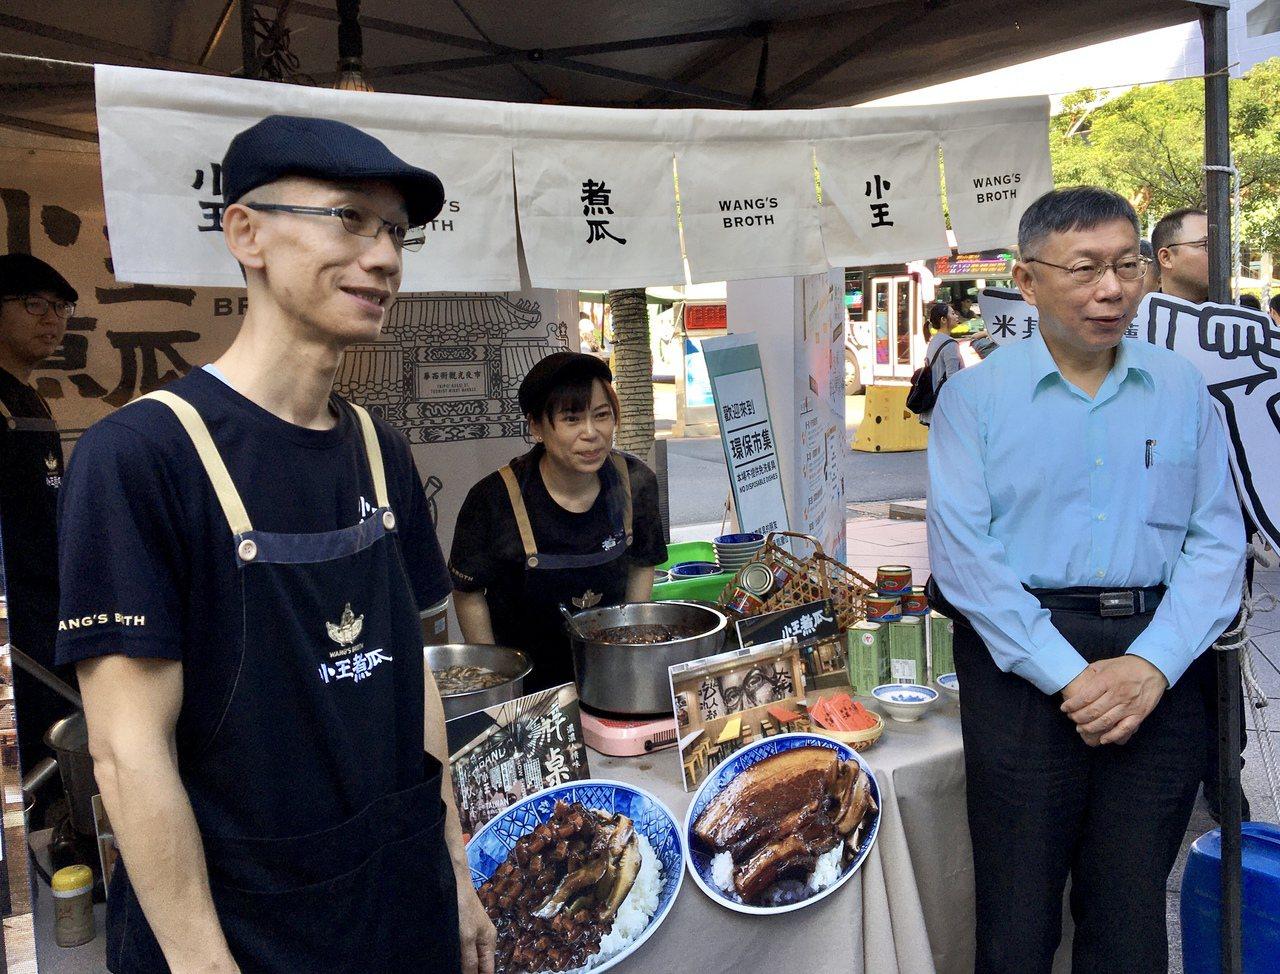 原名為「清湯瓜仔肉」的「小王煮瓜」已開業40多年,第2代老闆王捷生(圖左)說,「...